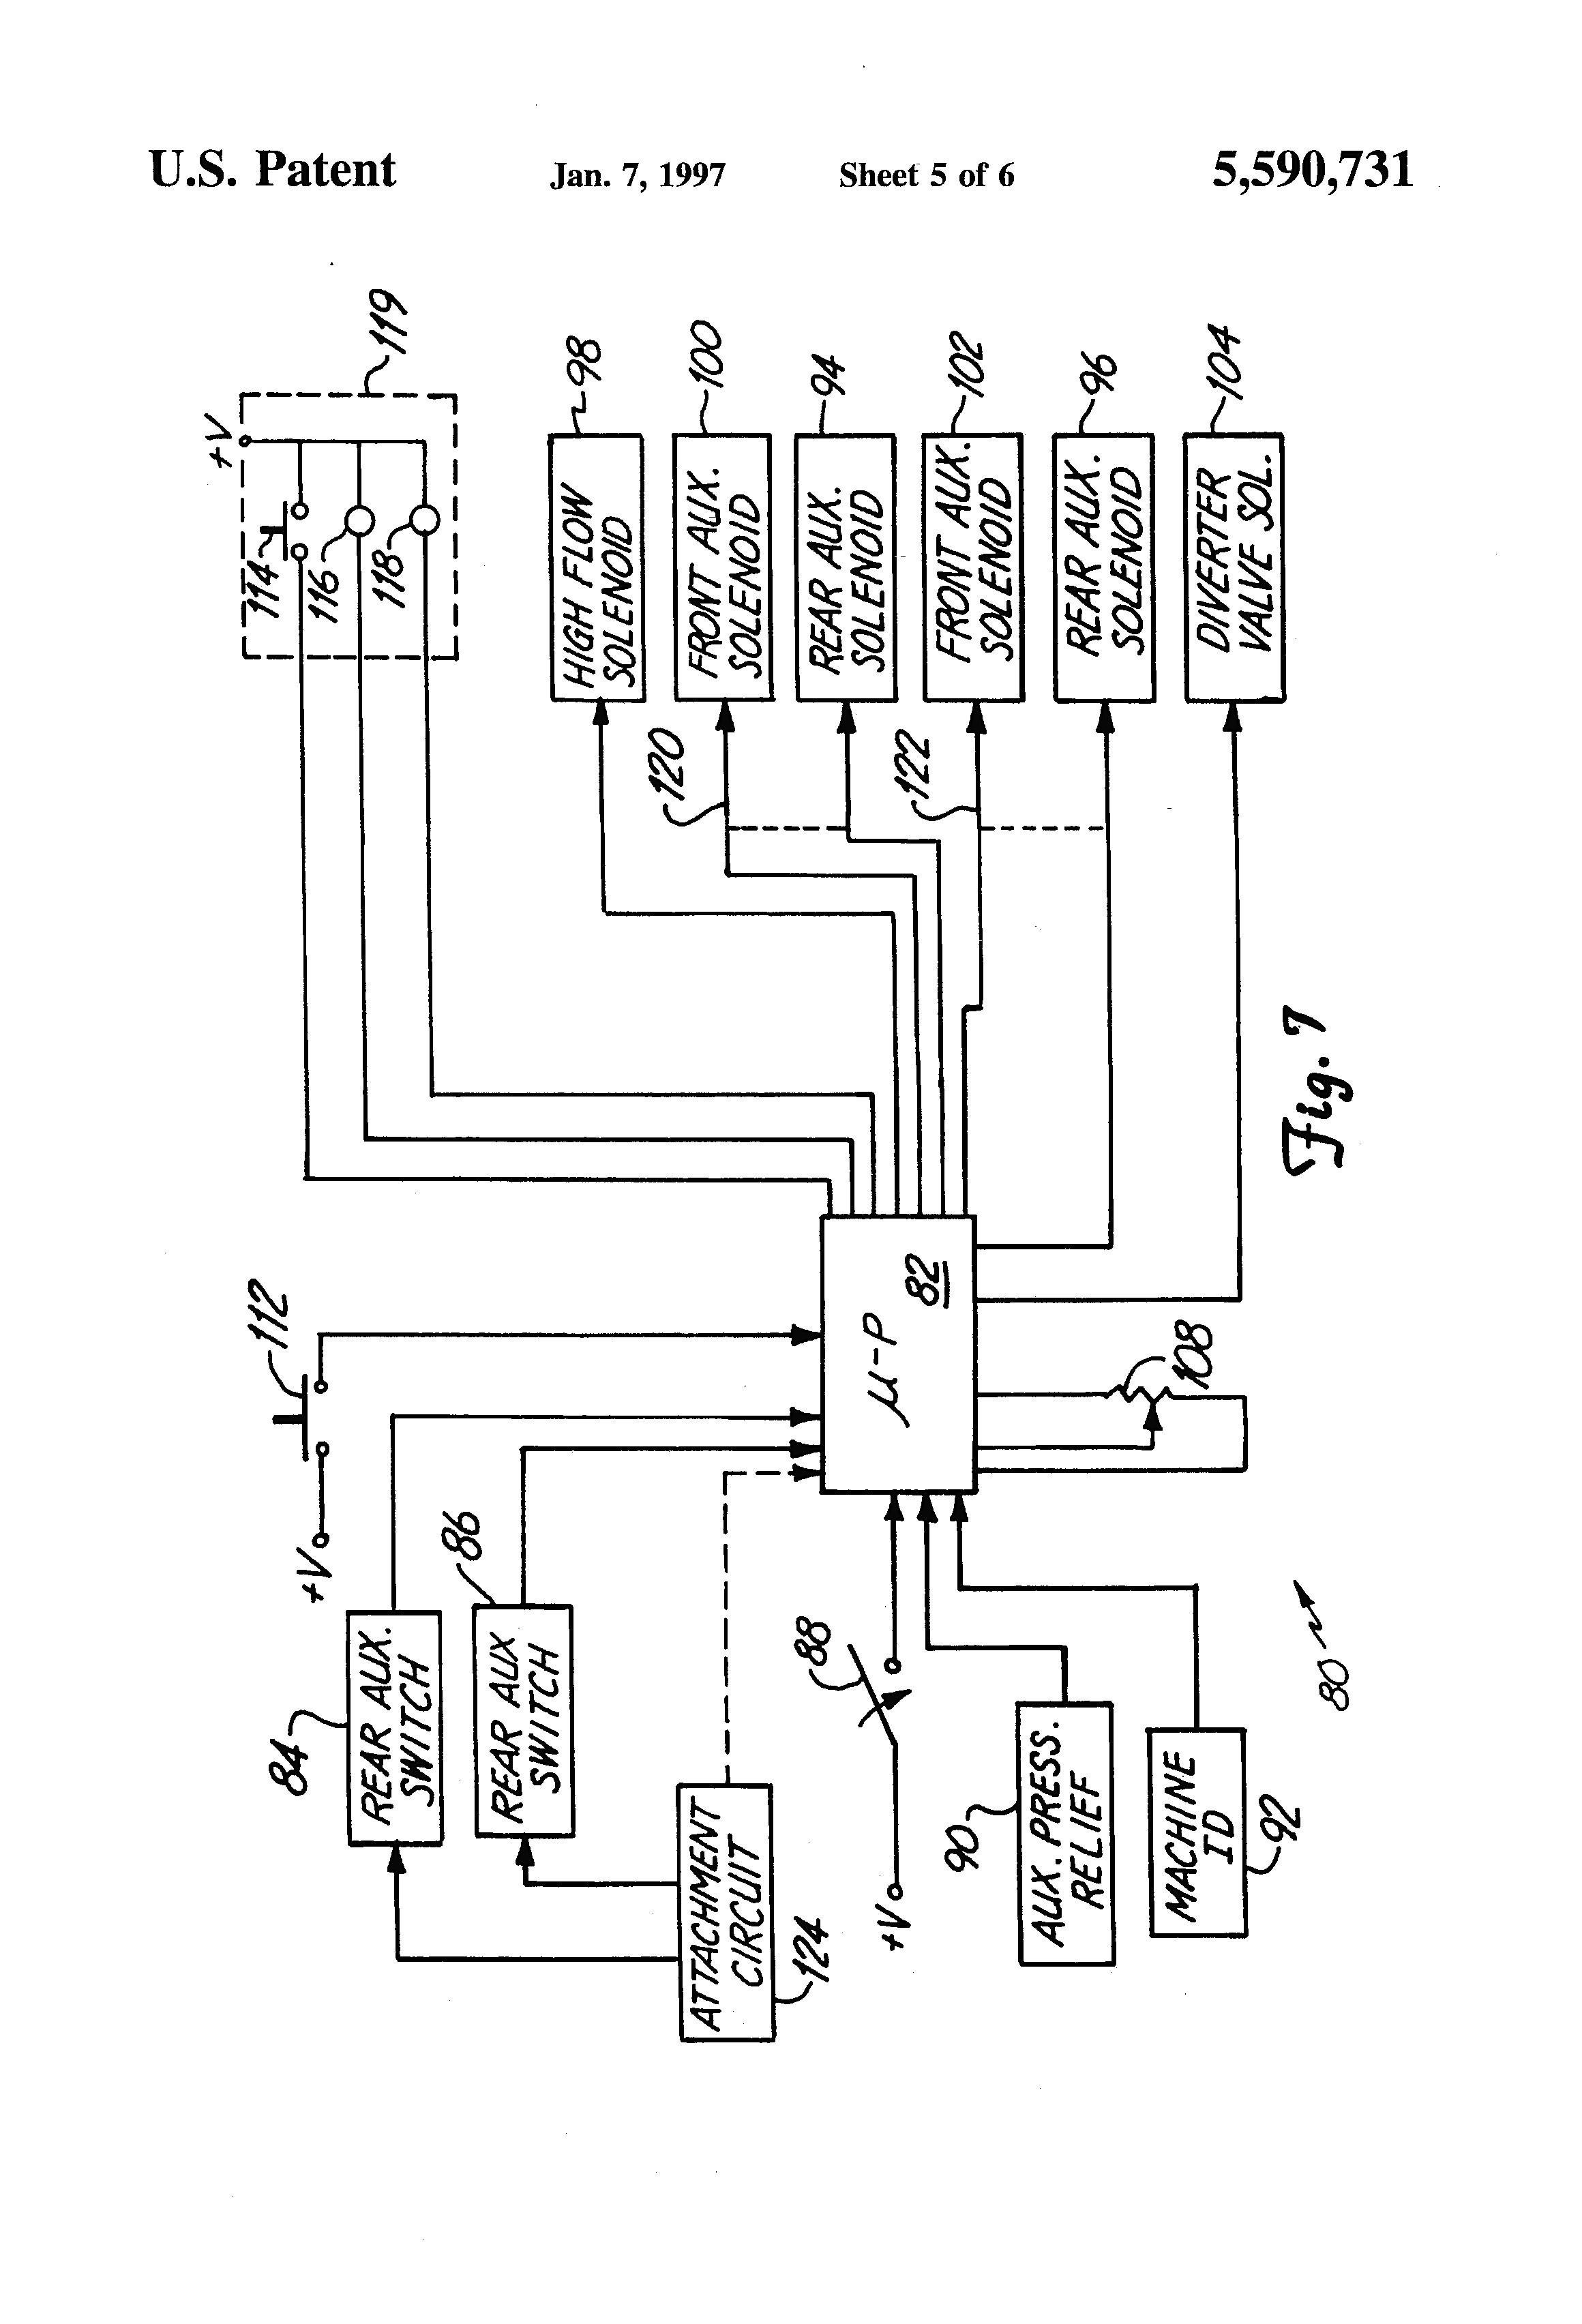 Pneumatic Solenoid Valve Diagram | Wiring Diagram